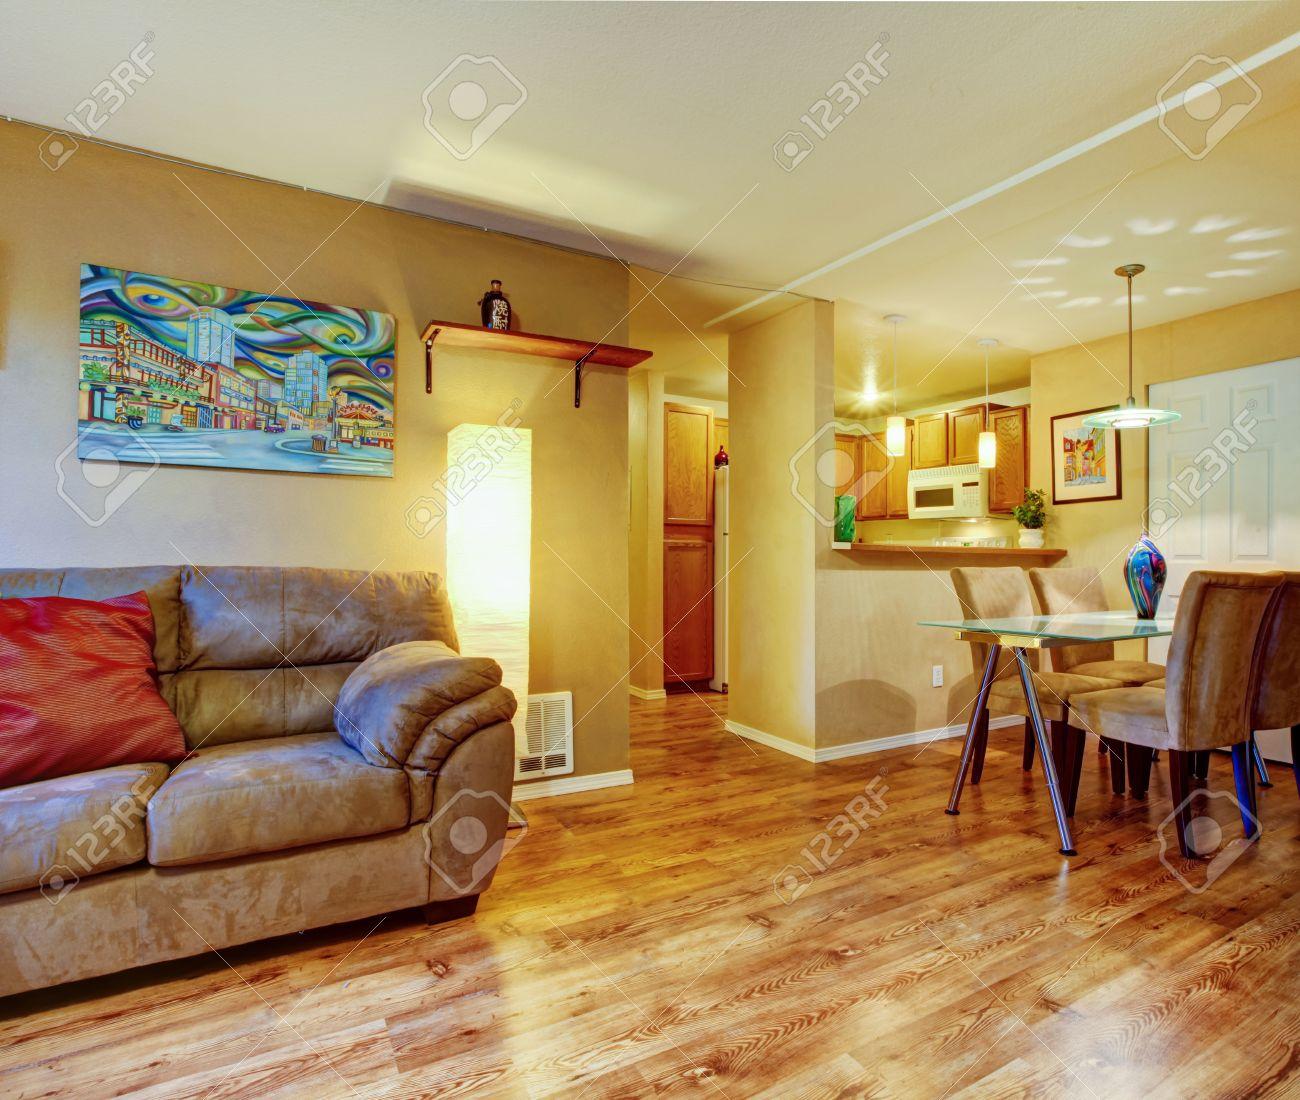 Kleines Haus Innenraum Wohnzimmer Mit Esstisch Set Und Eine Kleine